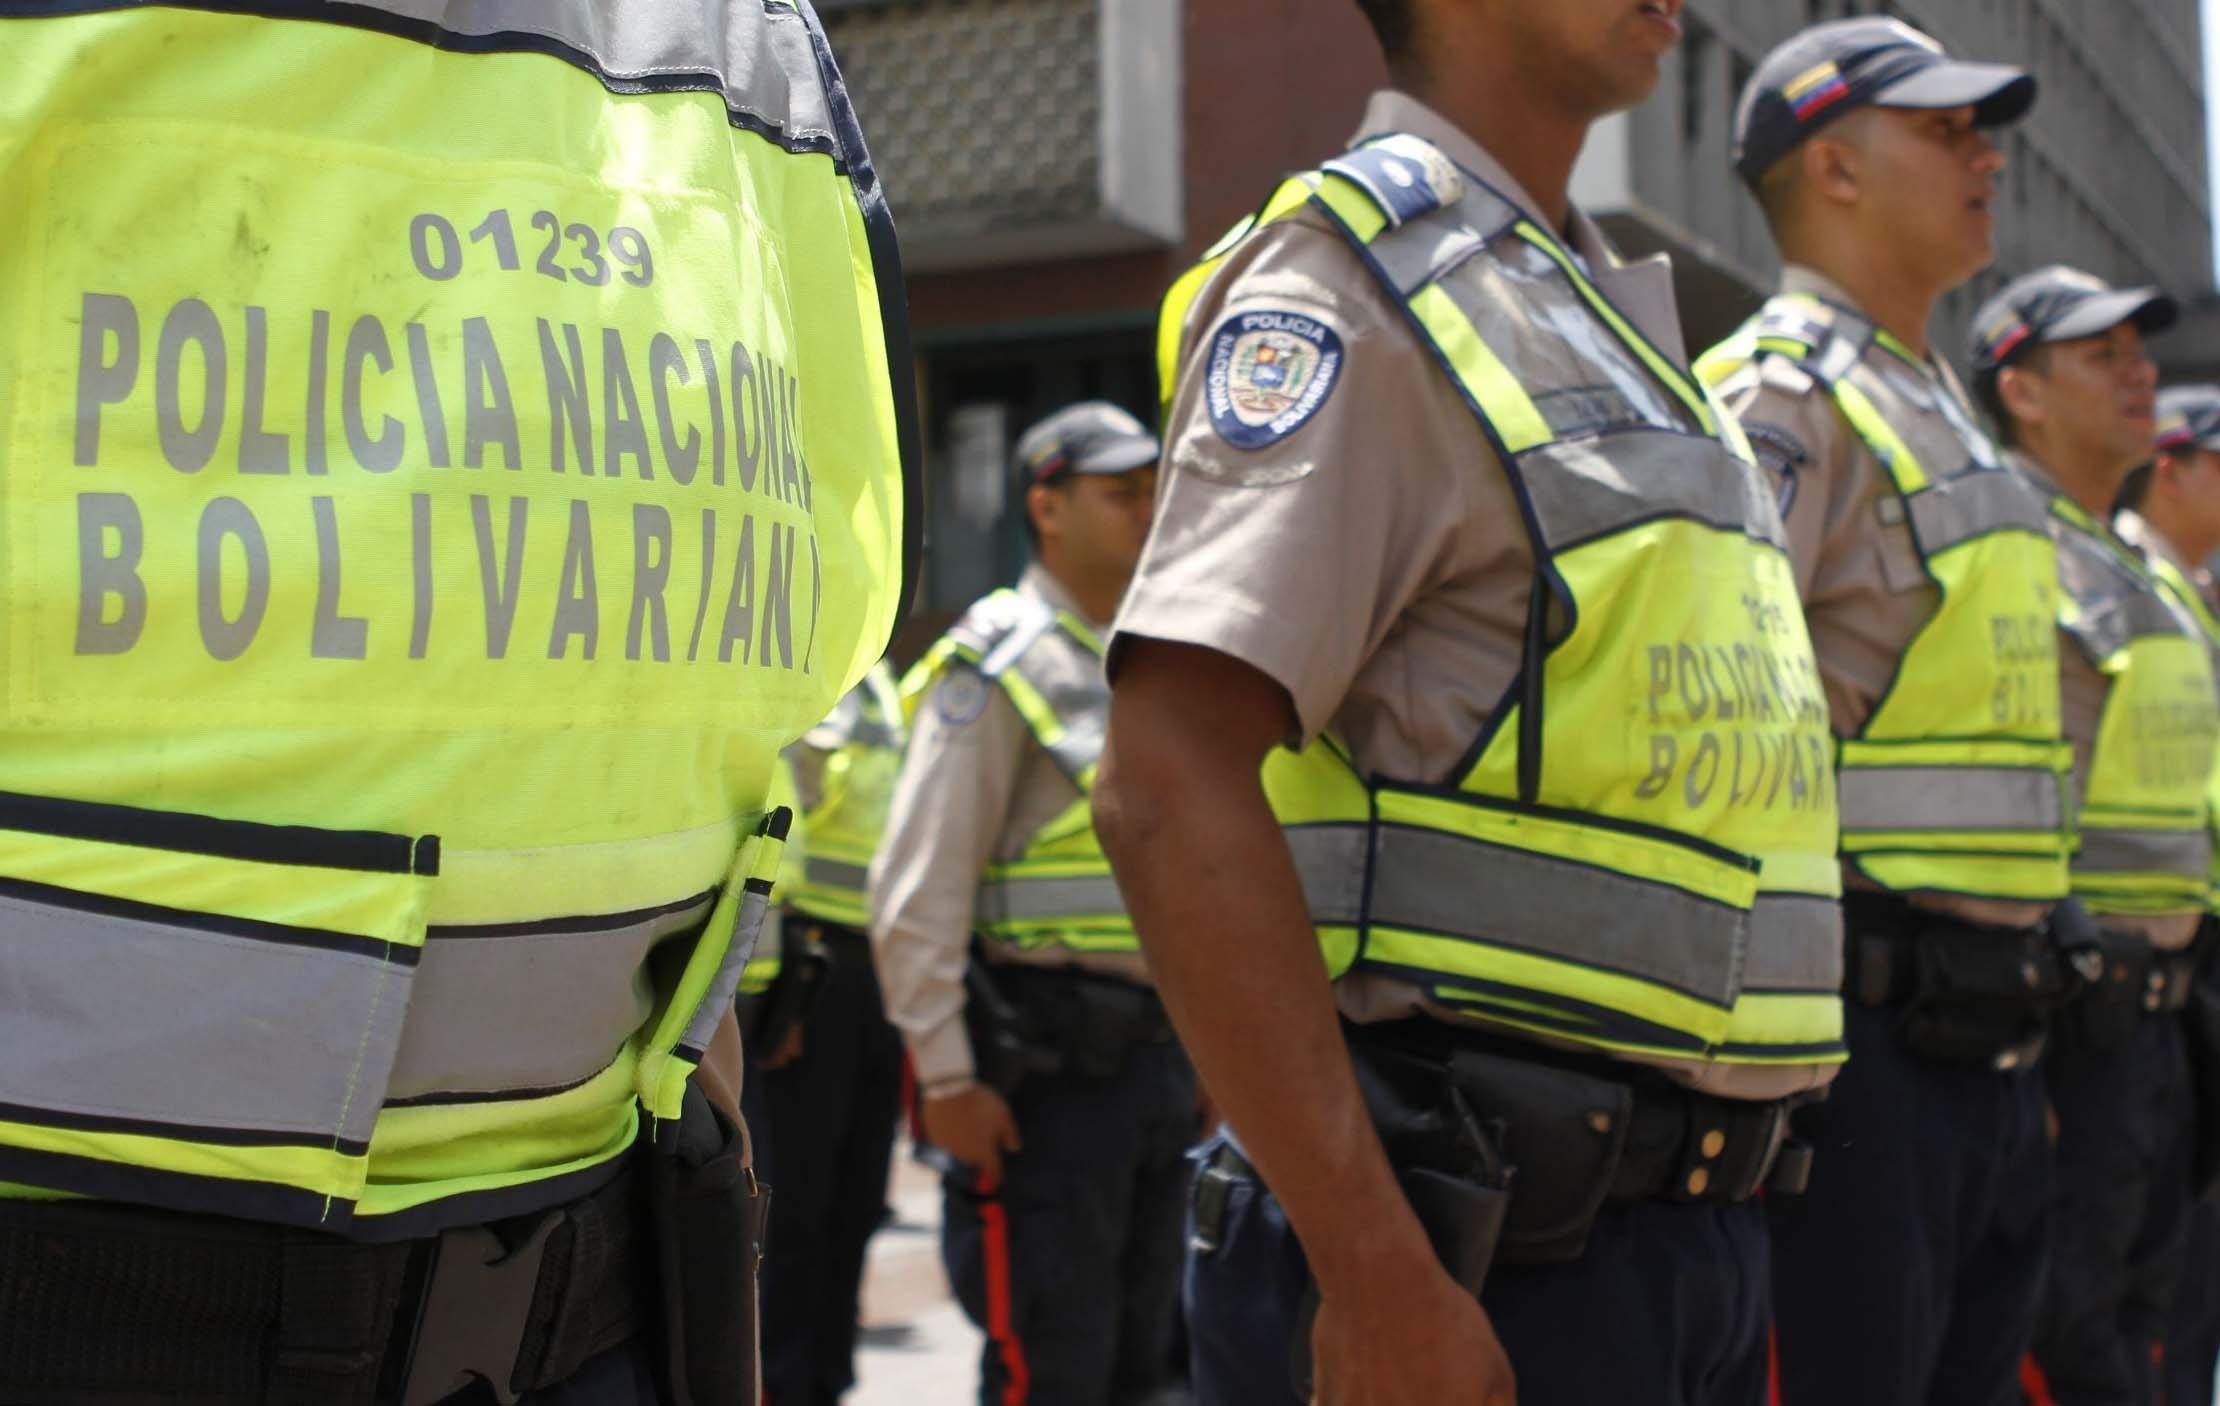 DOBLE LLAVE - Se trata de agresión y tortura cometida por parte de ocho funcionarios de la Policía Nacional Bolivariana en la sede de Corpoelec en Maracaibo